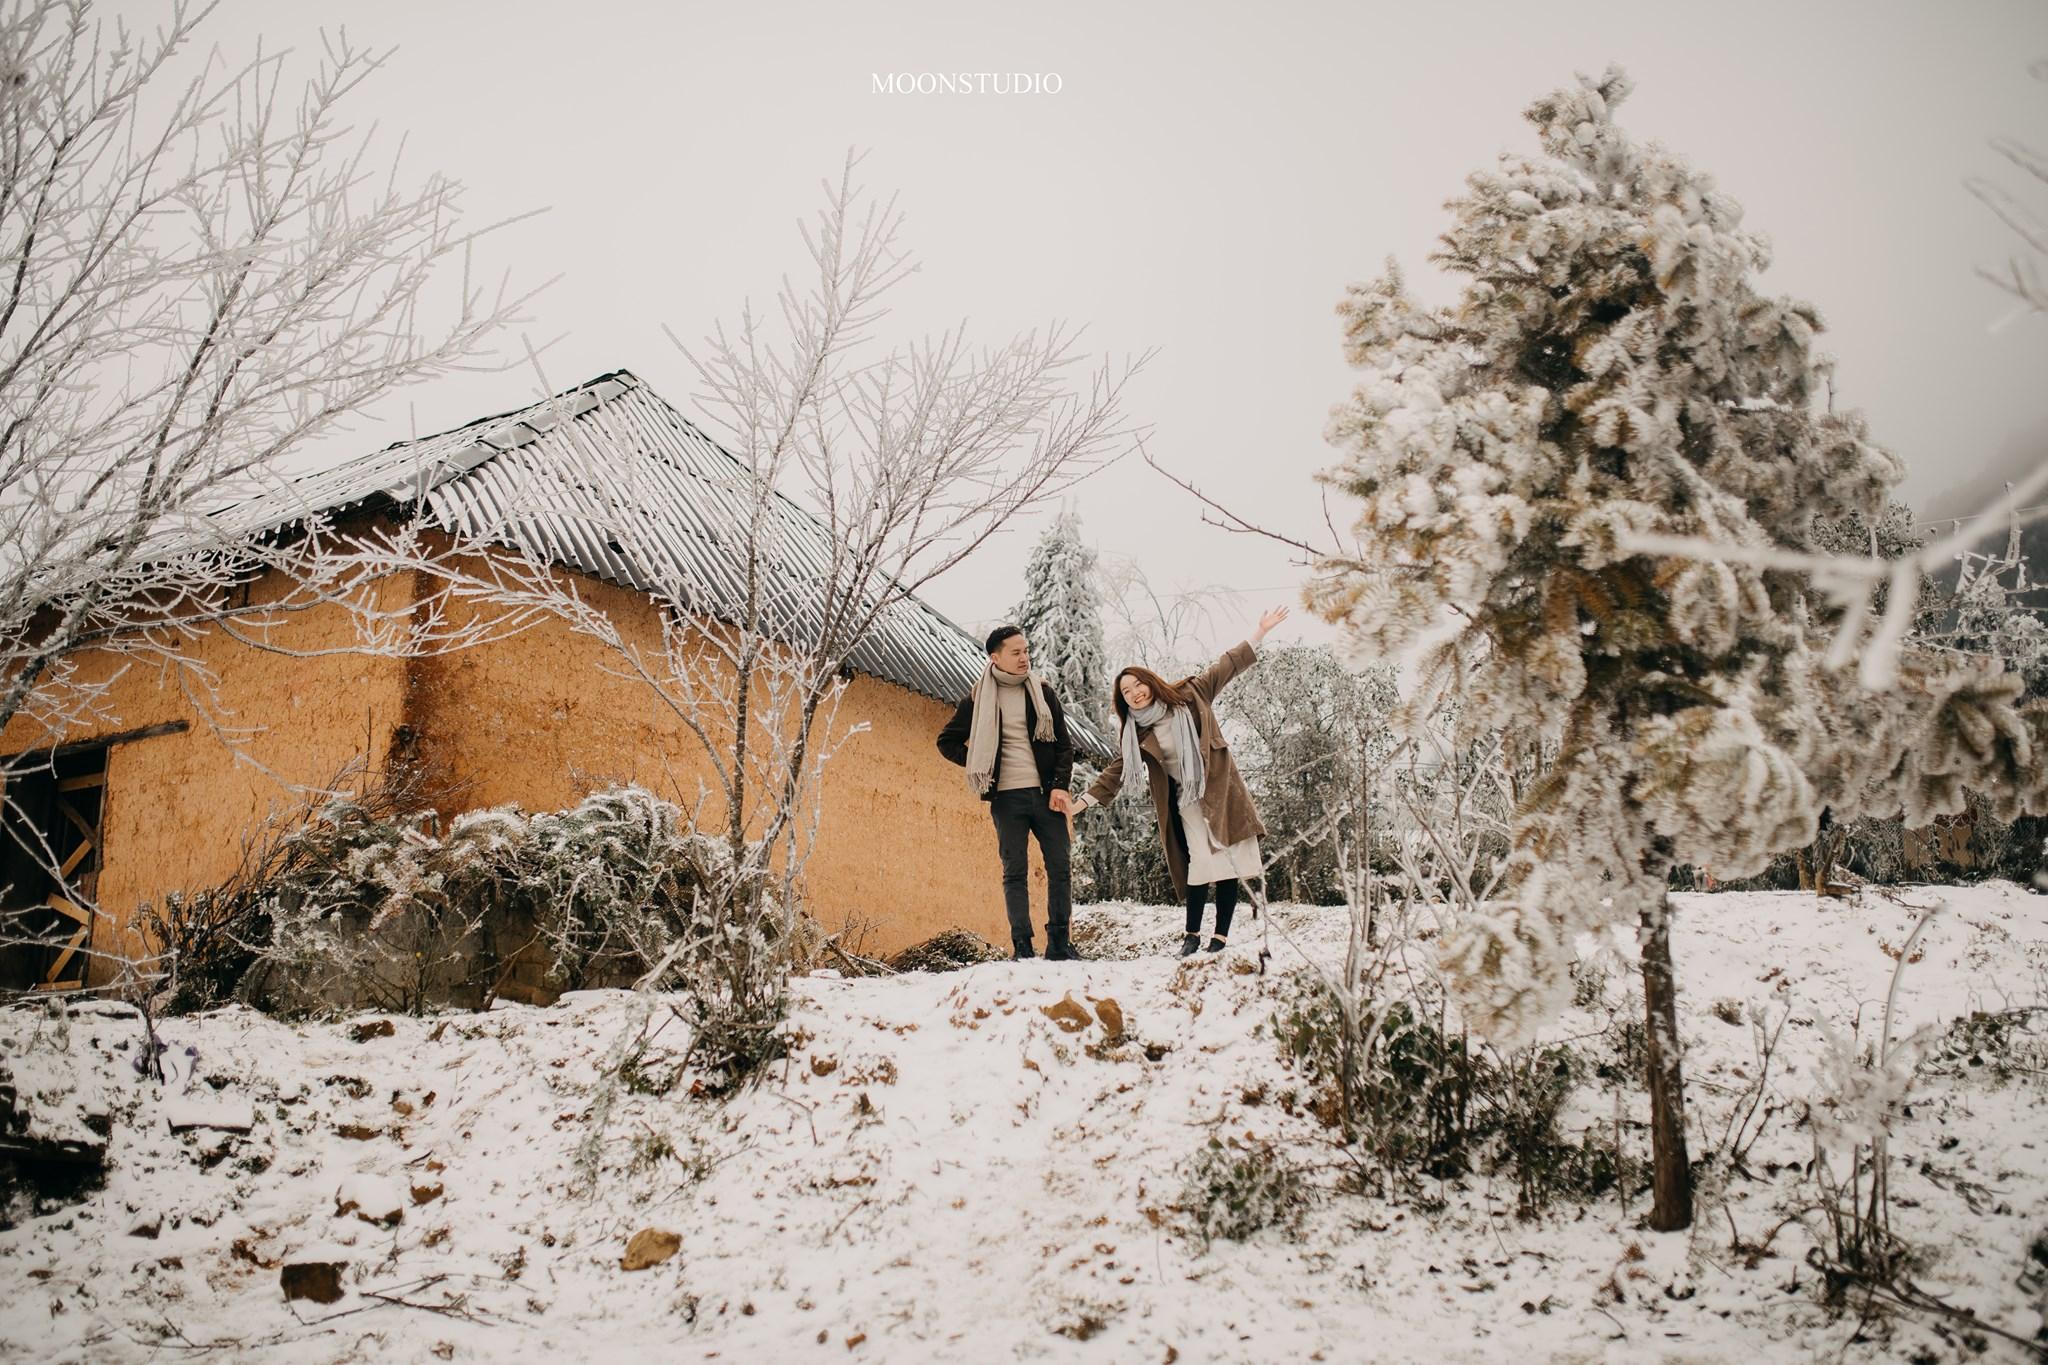 Mê mẩn với bộ ảnh cưới trong tuyết của cặp đôi may mắn, dù váy cưới cô dâu bị đóng băng do quá lạnh - Ảnh 4.